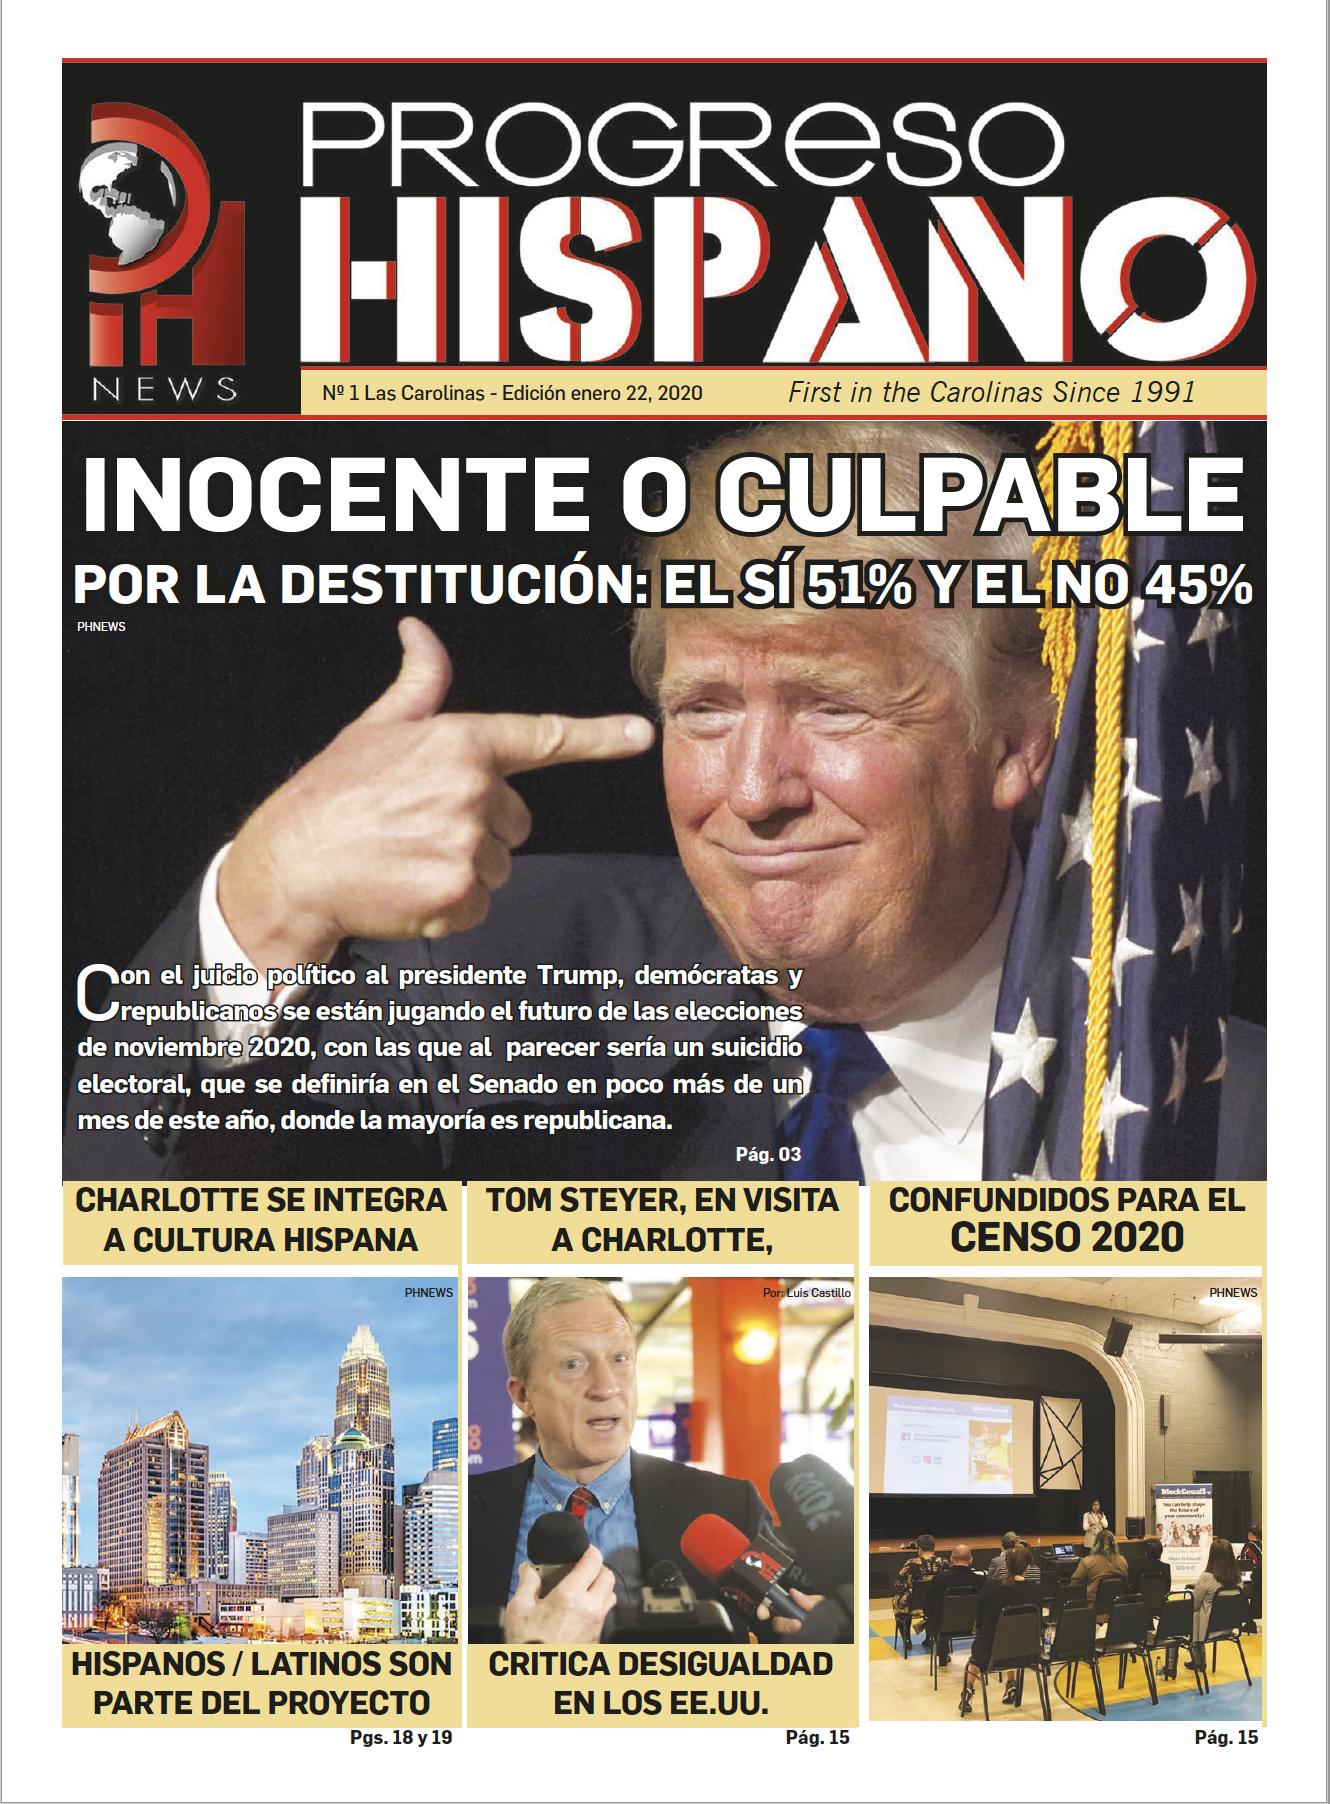 Progreso Hispano News Ed #1 2020